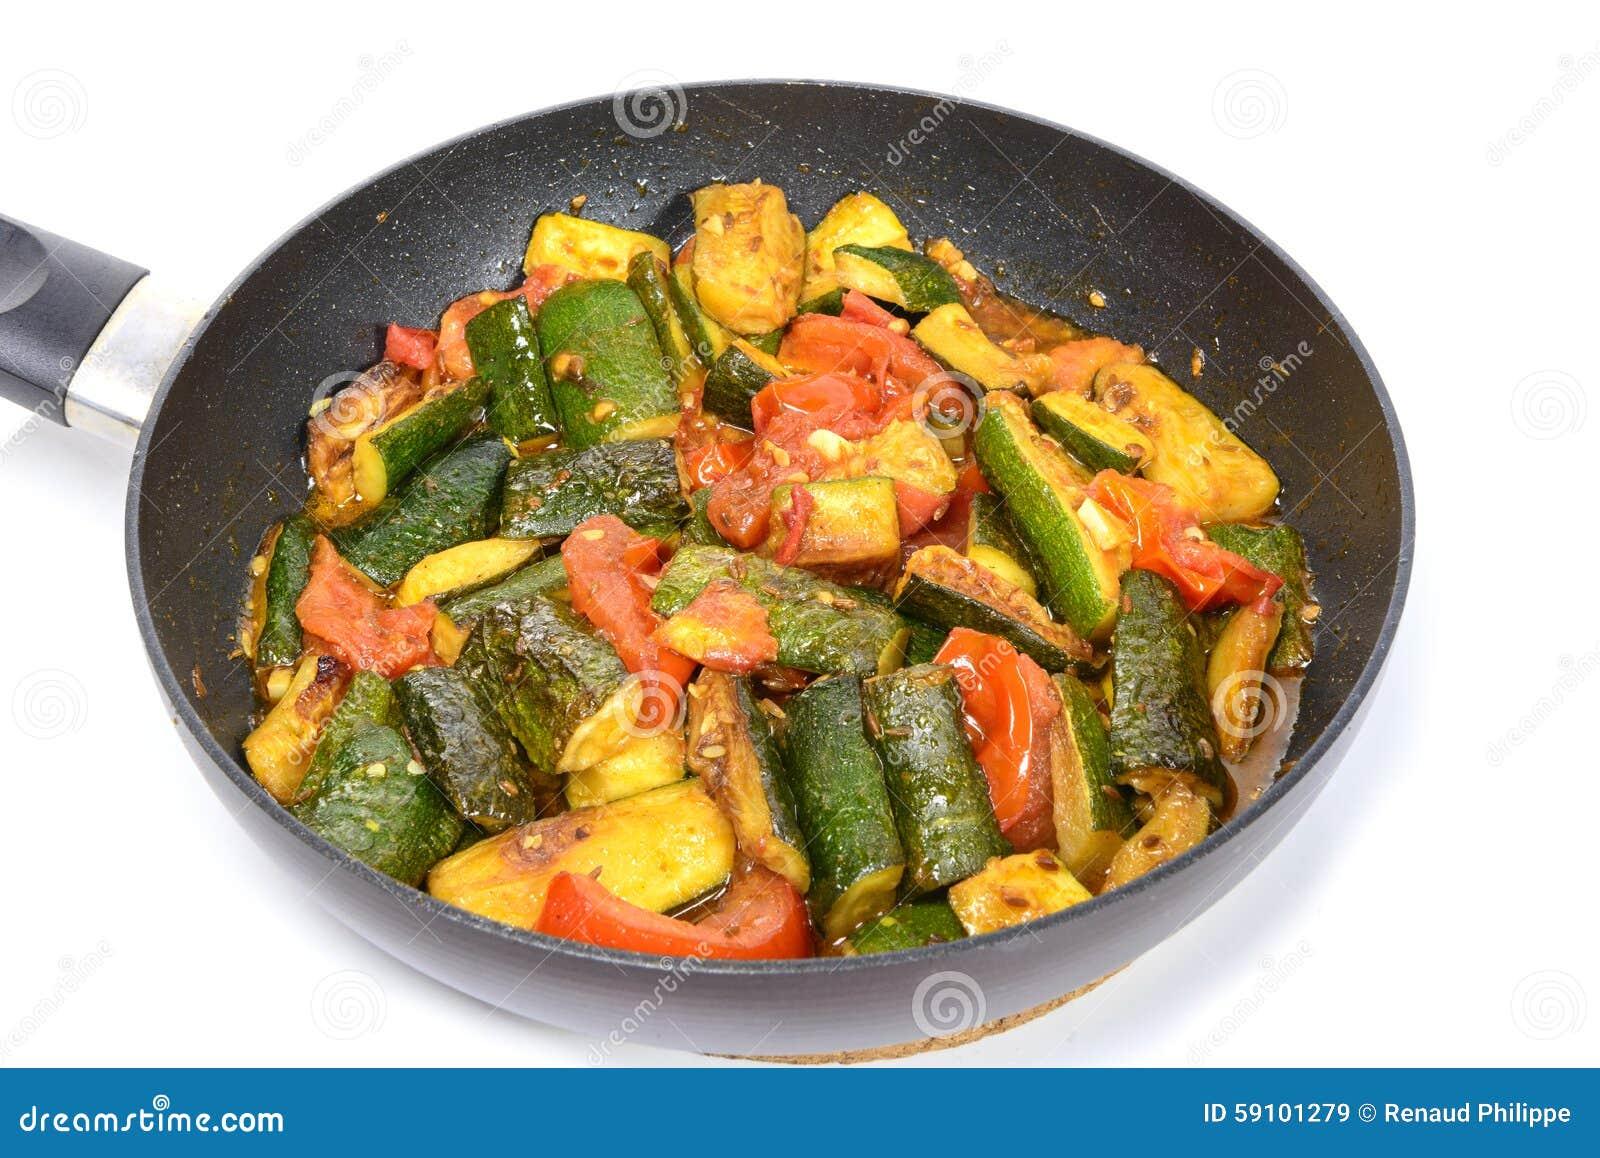 菜炖重汁肉丁